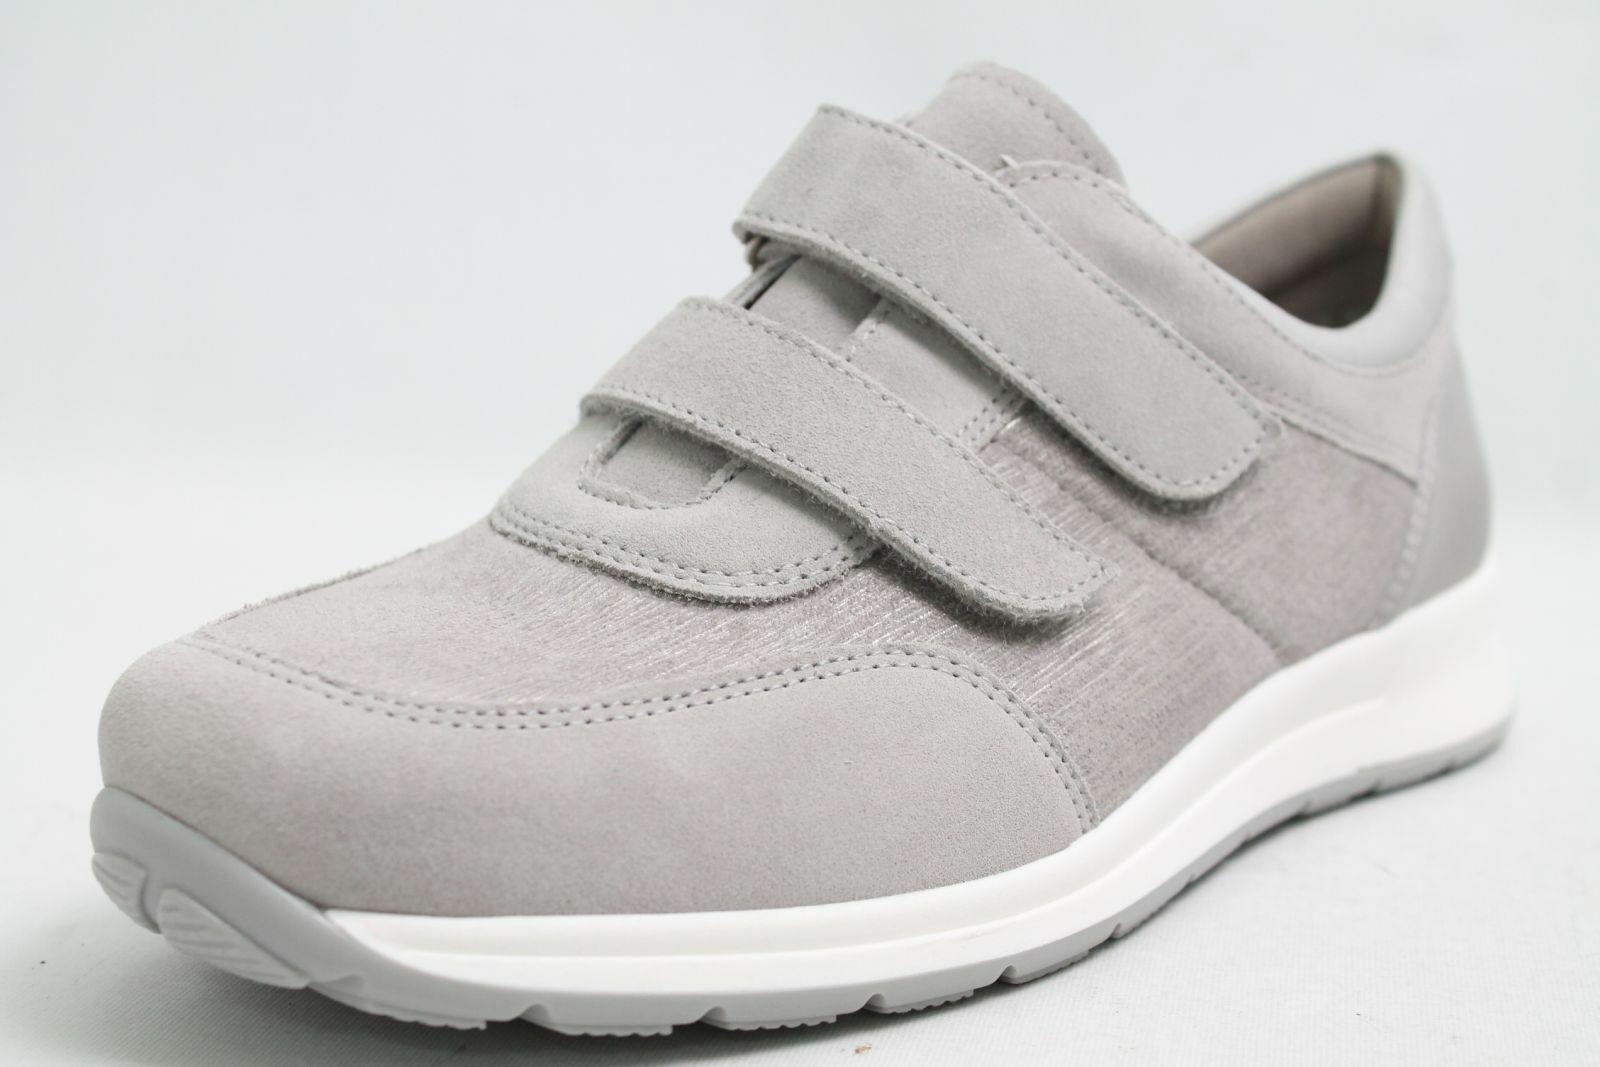 Ara Schuhe grau Nubuk Leder Klettverschluss Schuhweite K Damen